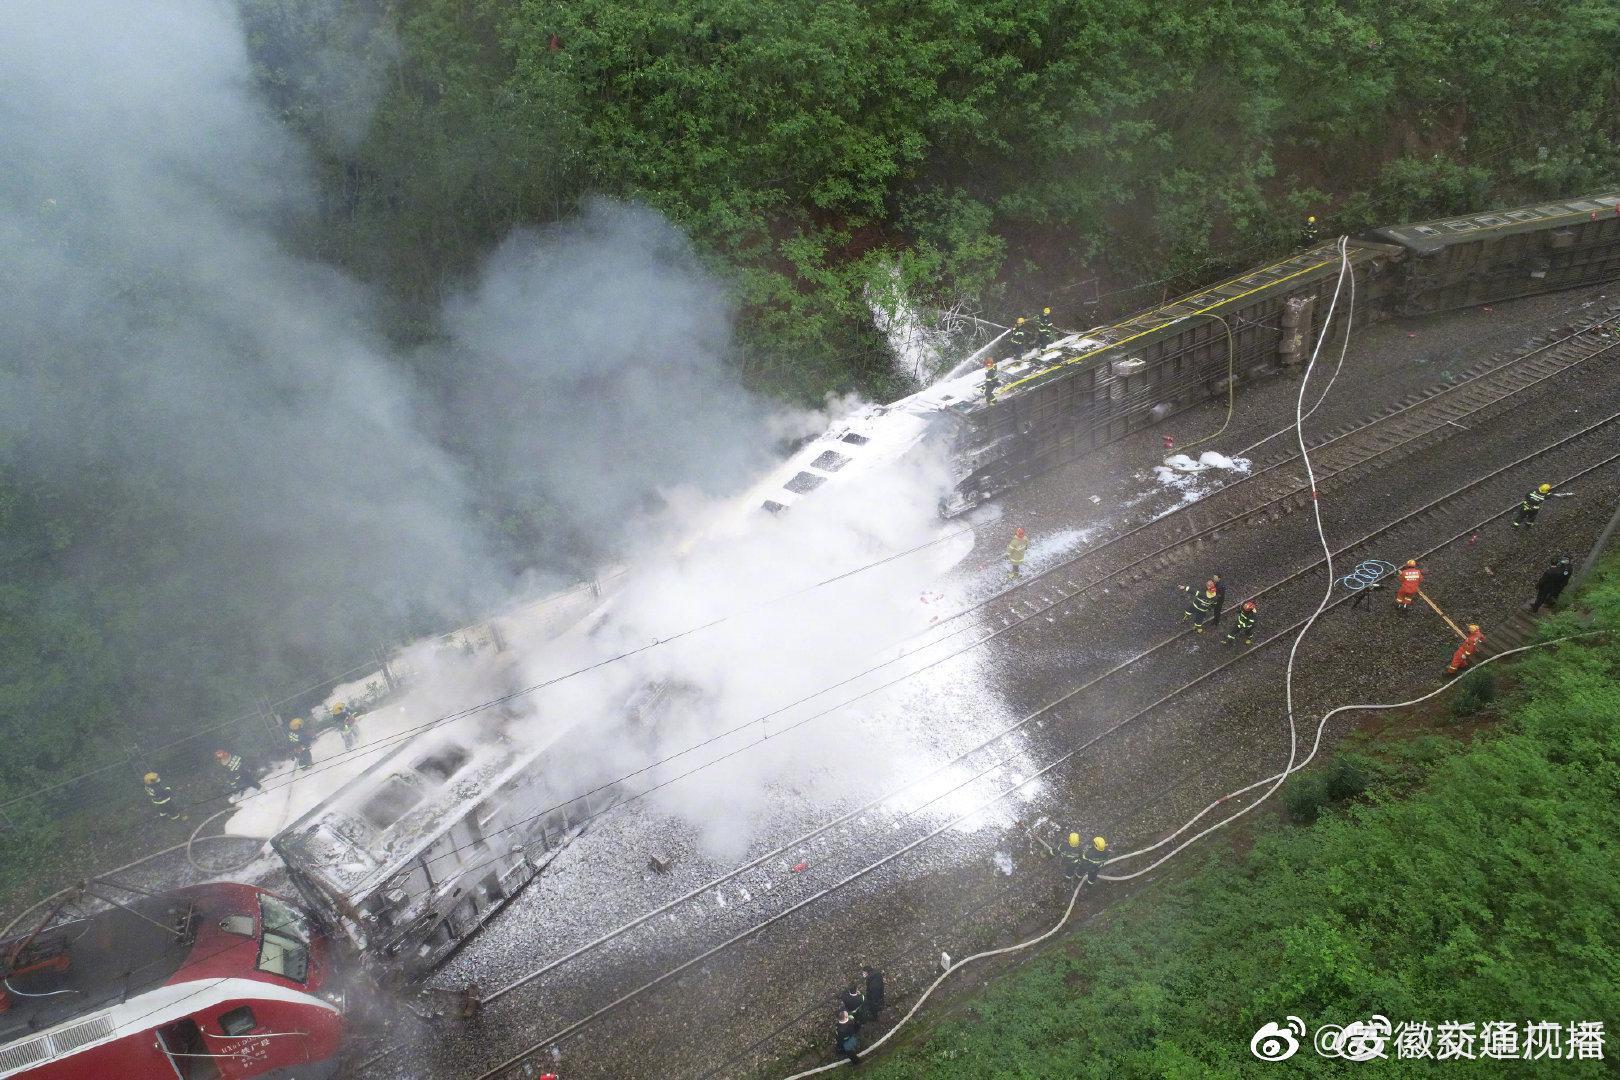 京广铁路火车脱轨已造成1死127伤